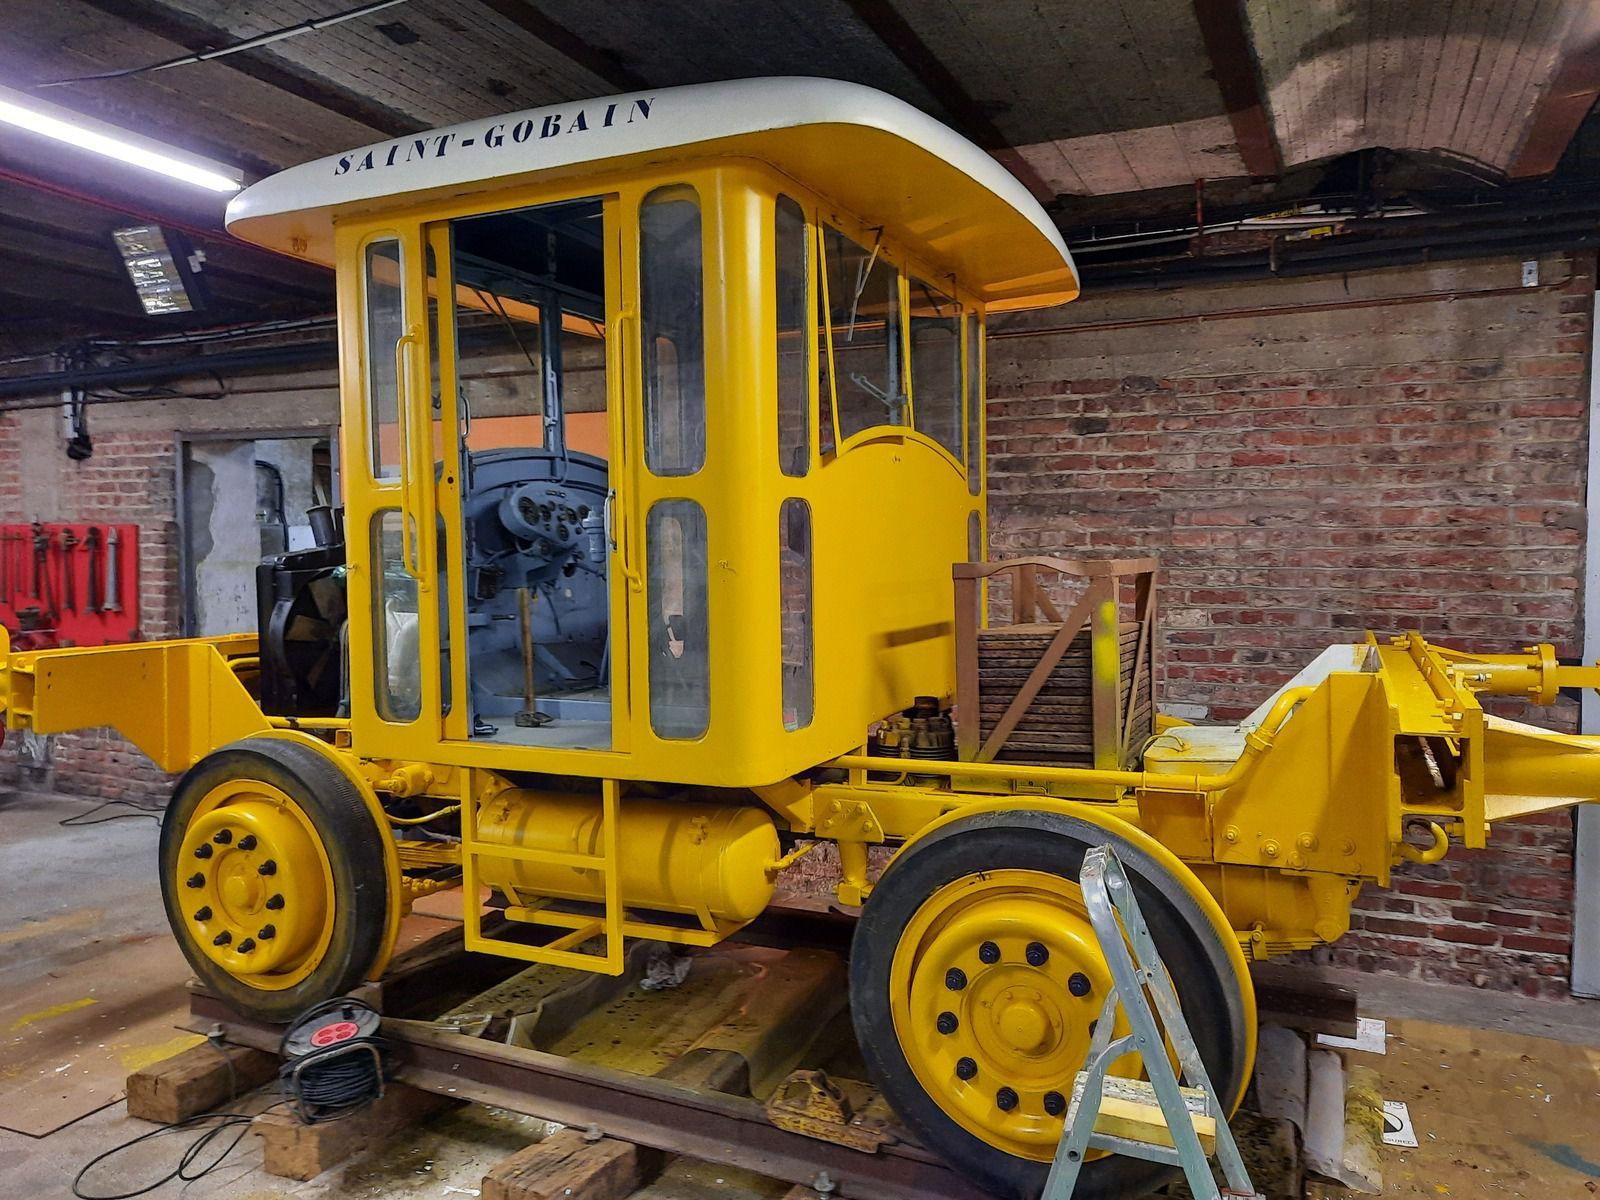 Rénovation locotracteur Saviem (Latil) suite article du 20 Février 2021